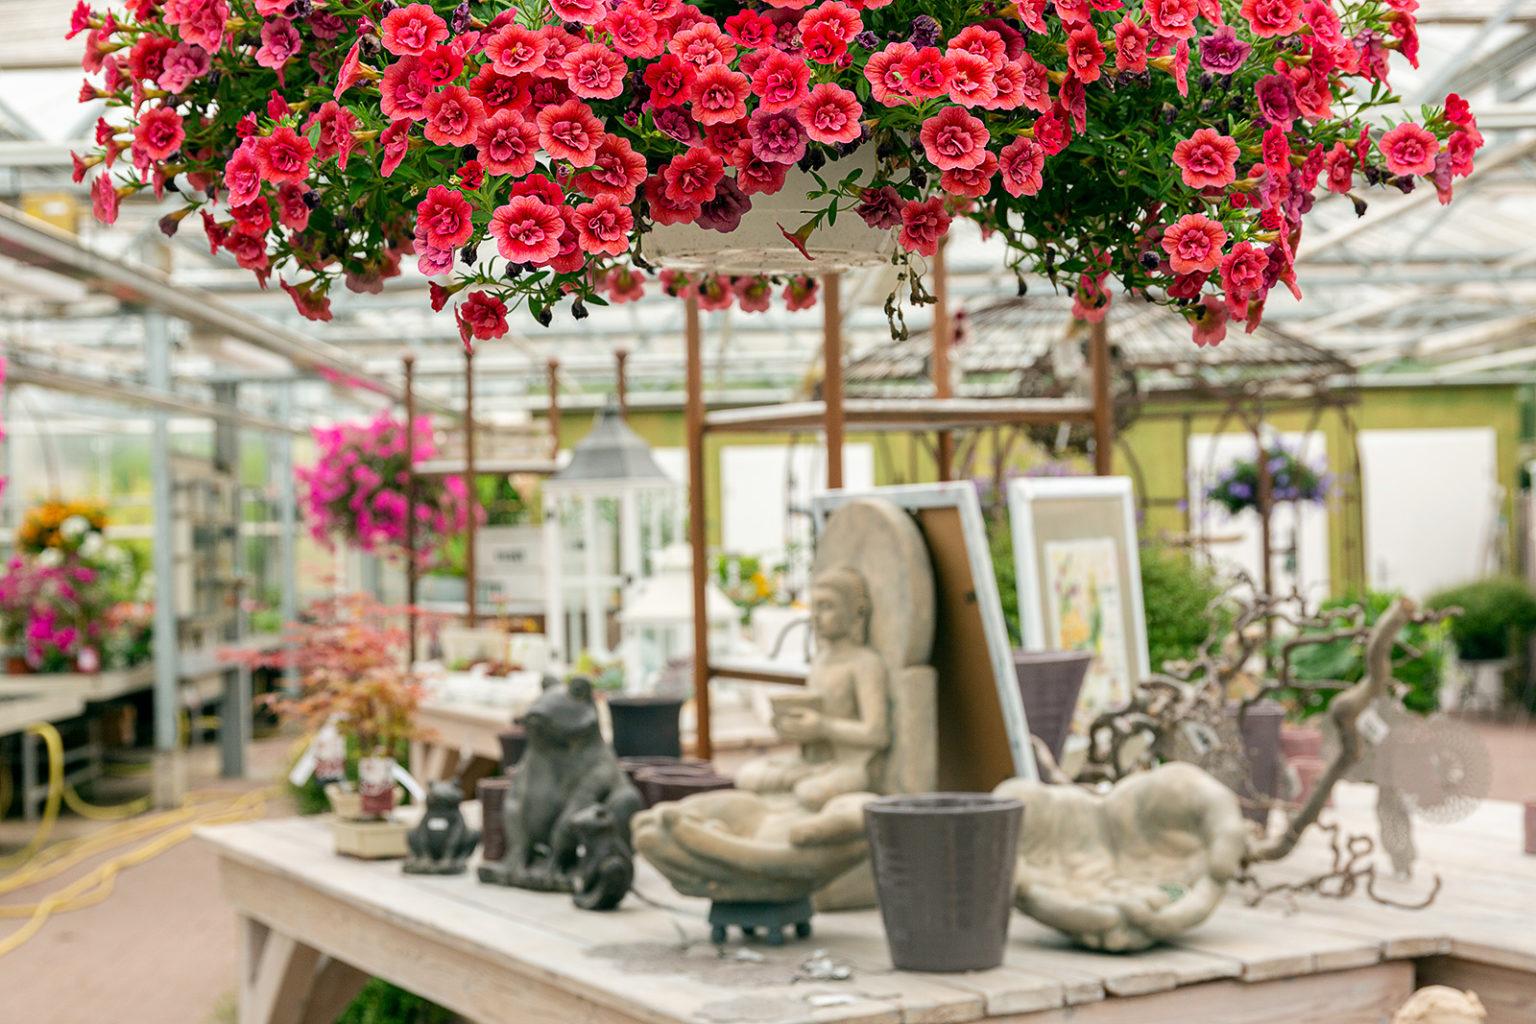 Blumen, Gemüse und Dekoration